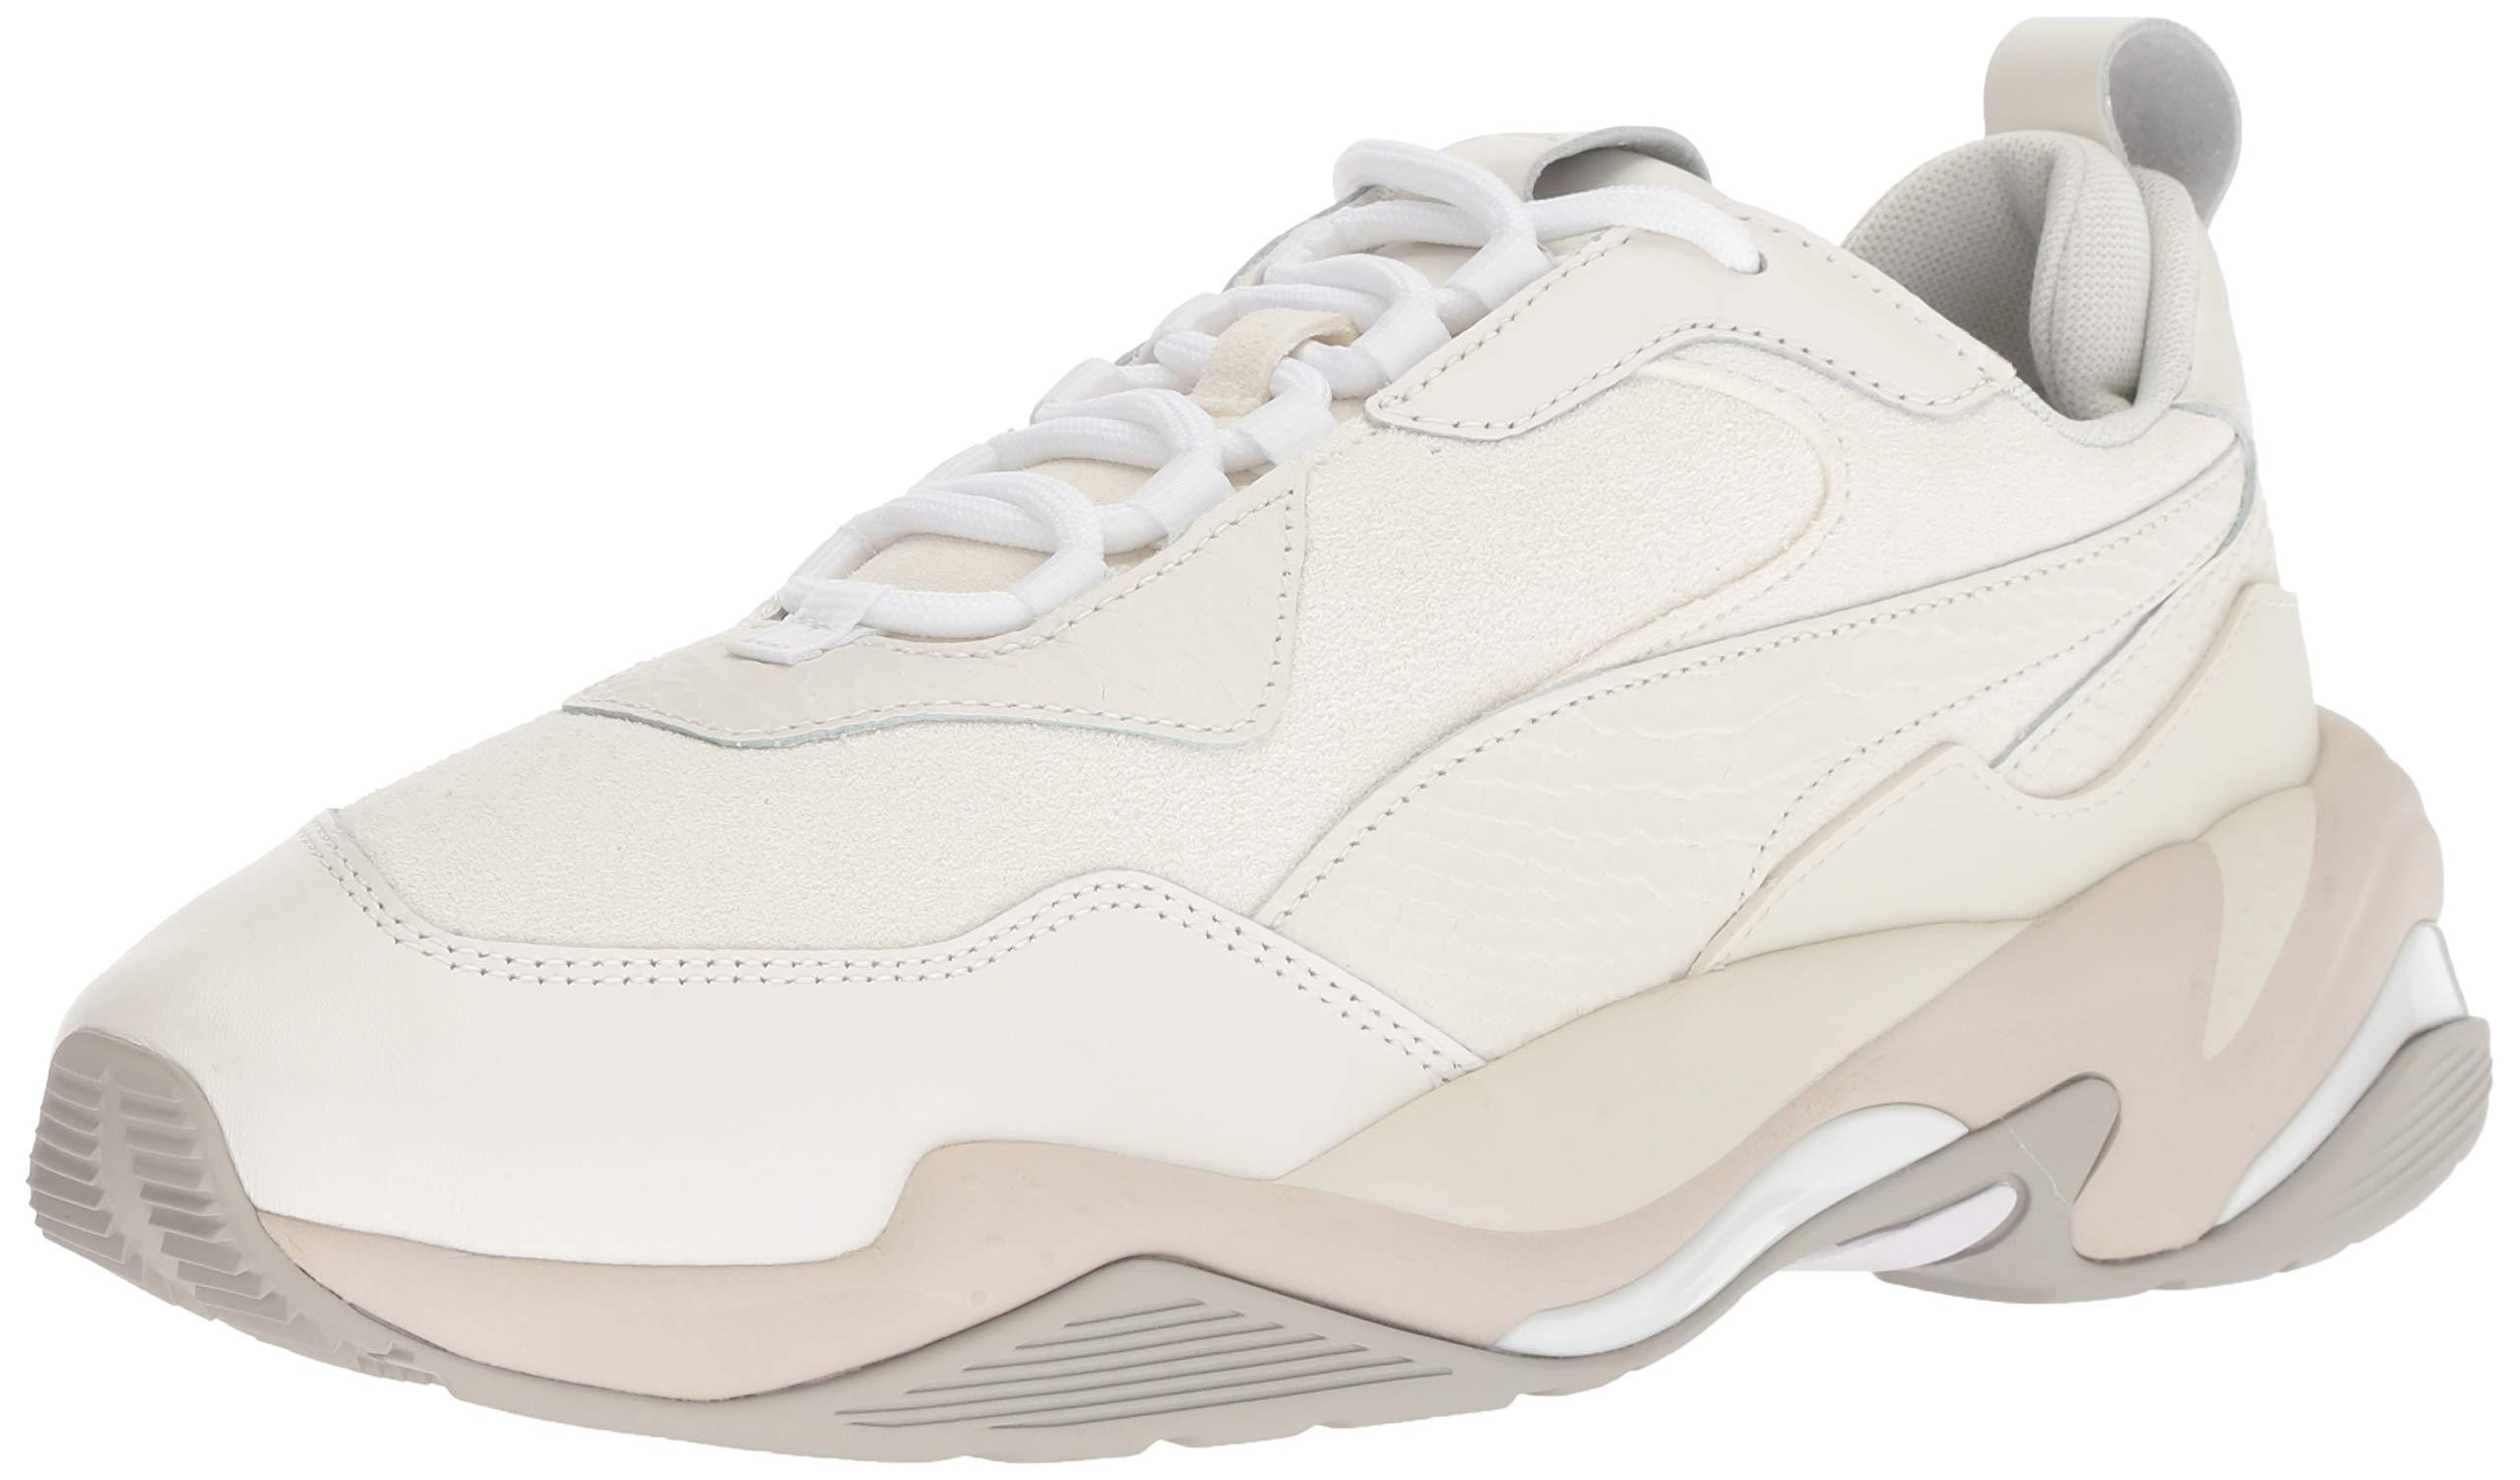 PUMA Men's Thunder Sneaker- Buy Online